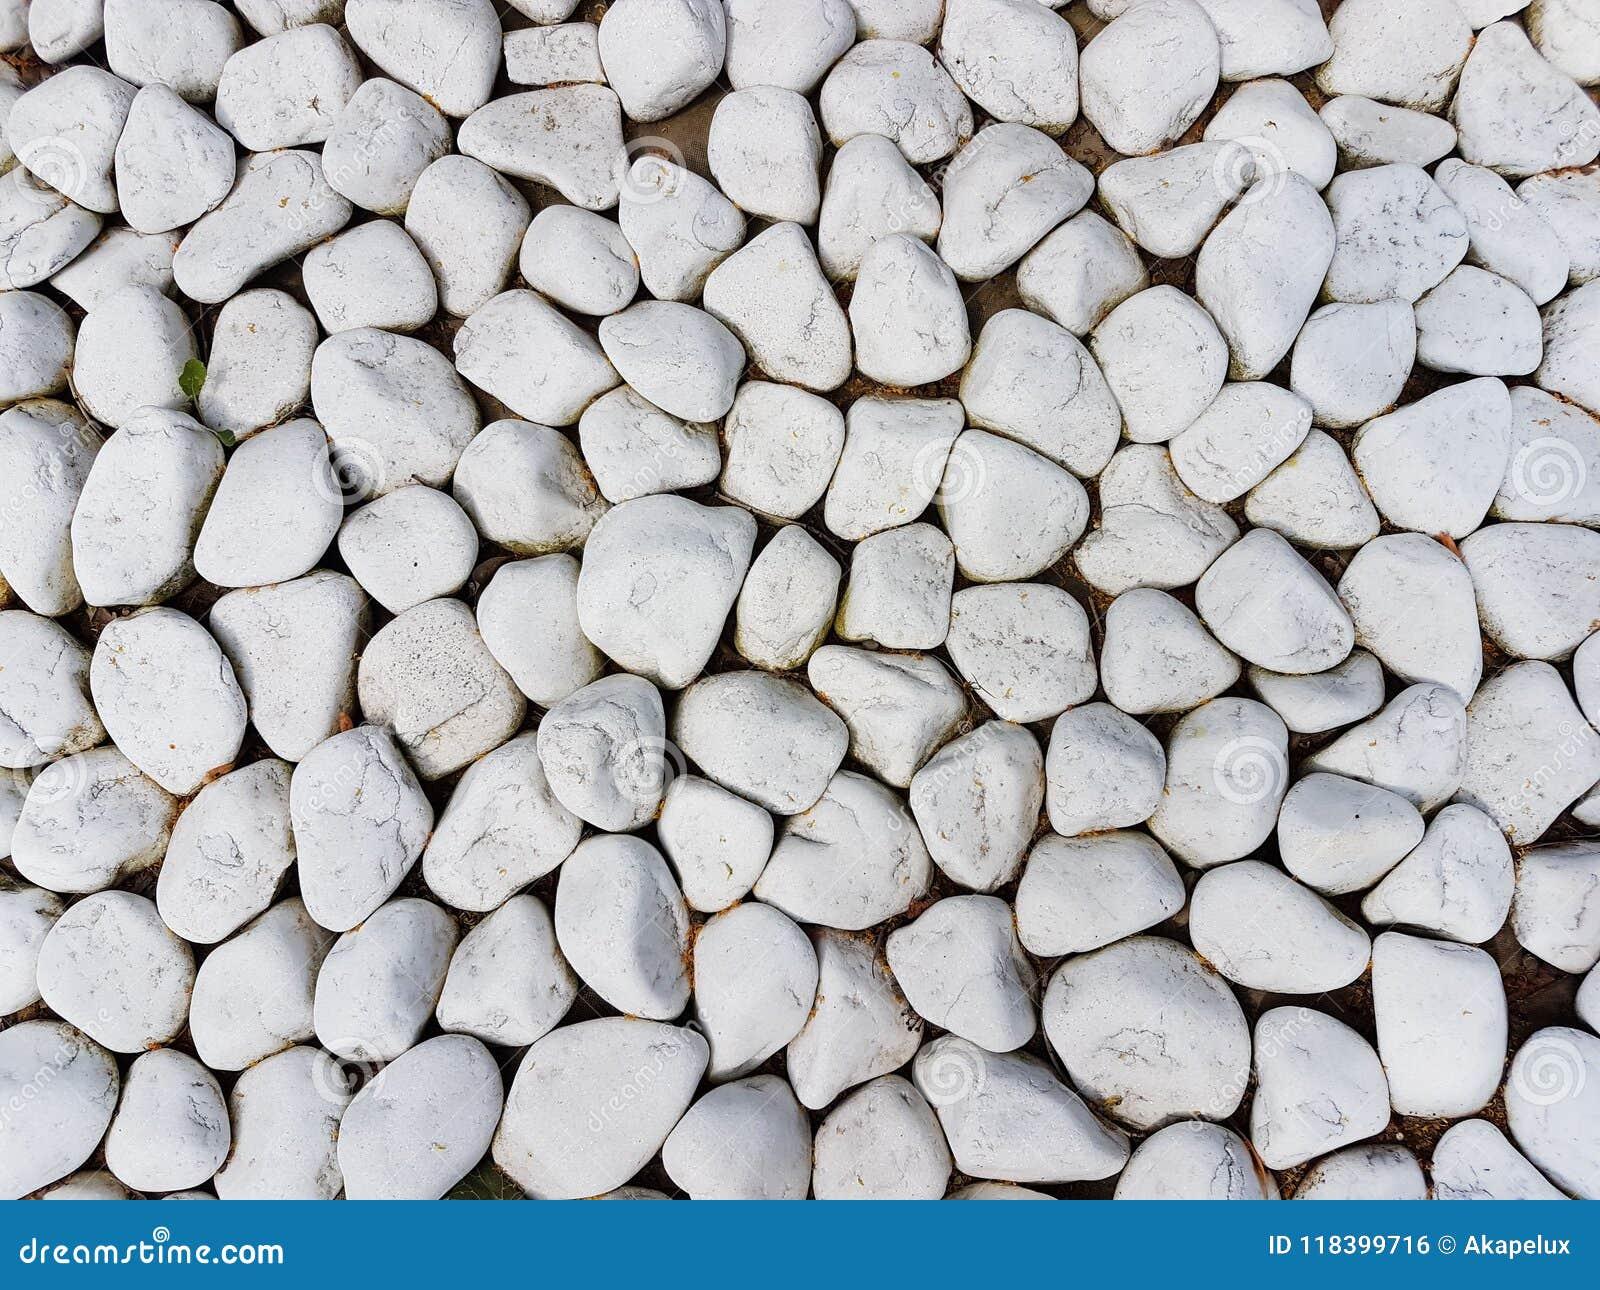 Текстура: большой зашкуренный гравий Малые белые камни мела Художнические сбросы от природных объектов